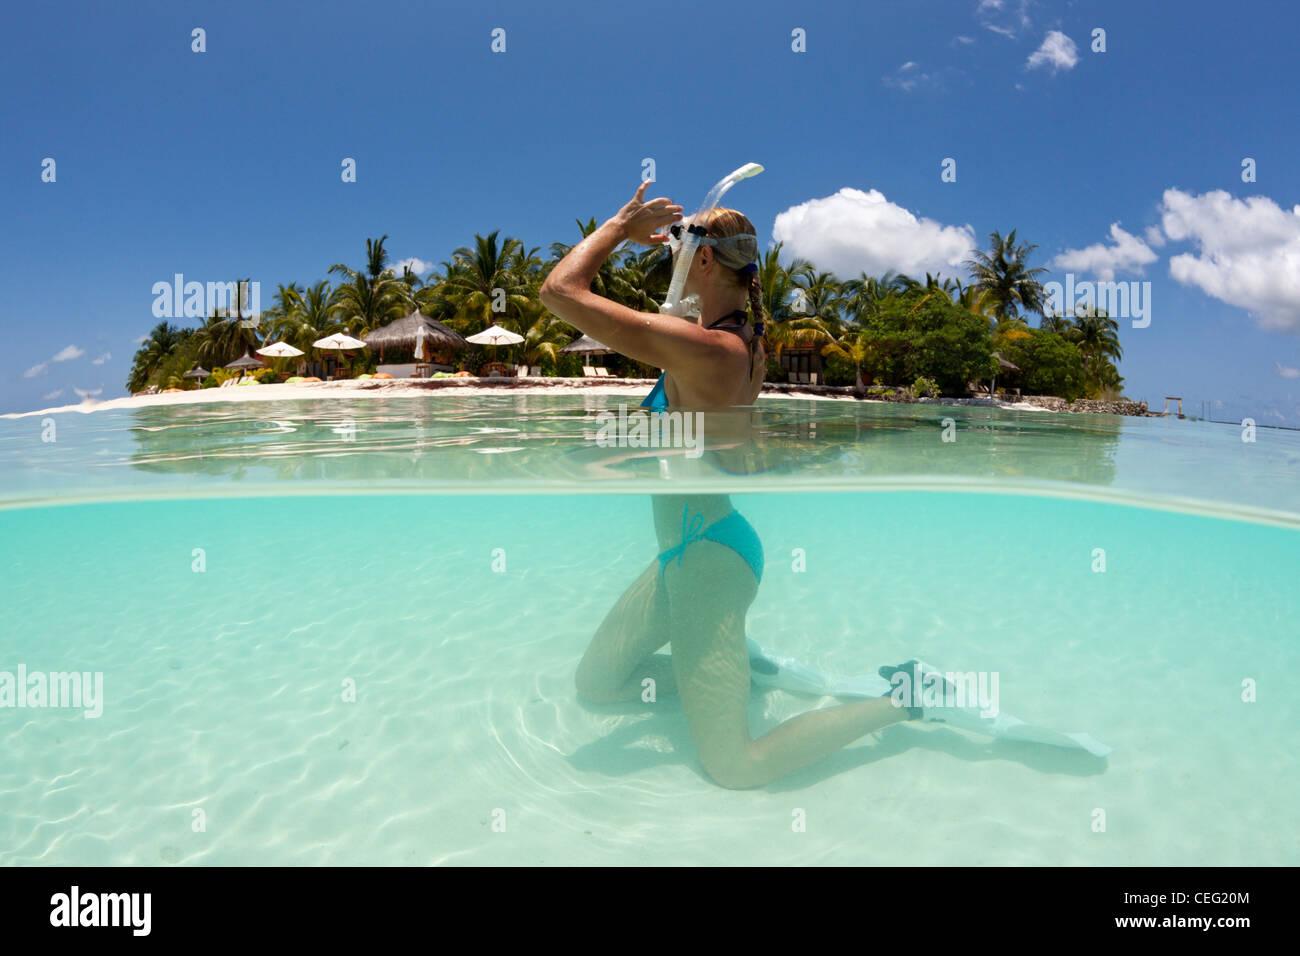 Vacation at Maldives, North Male Atoll, Indian Ocean, Maldives - Stock Image